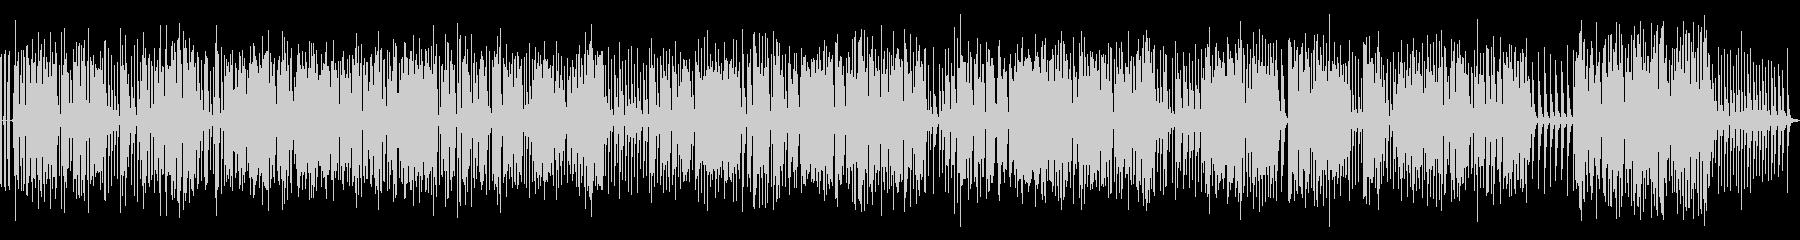 長尺オルゴール楽曲02-1(駆動音あり)の未再生の波形